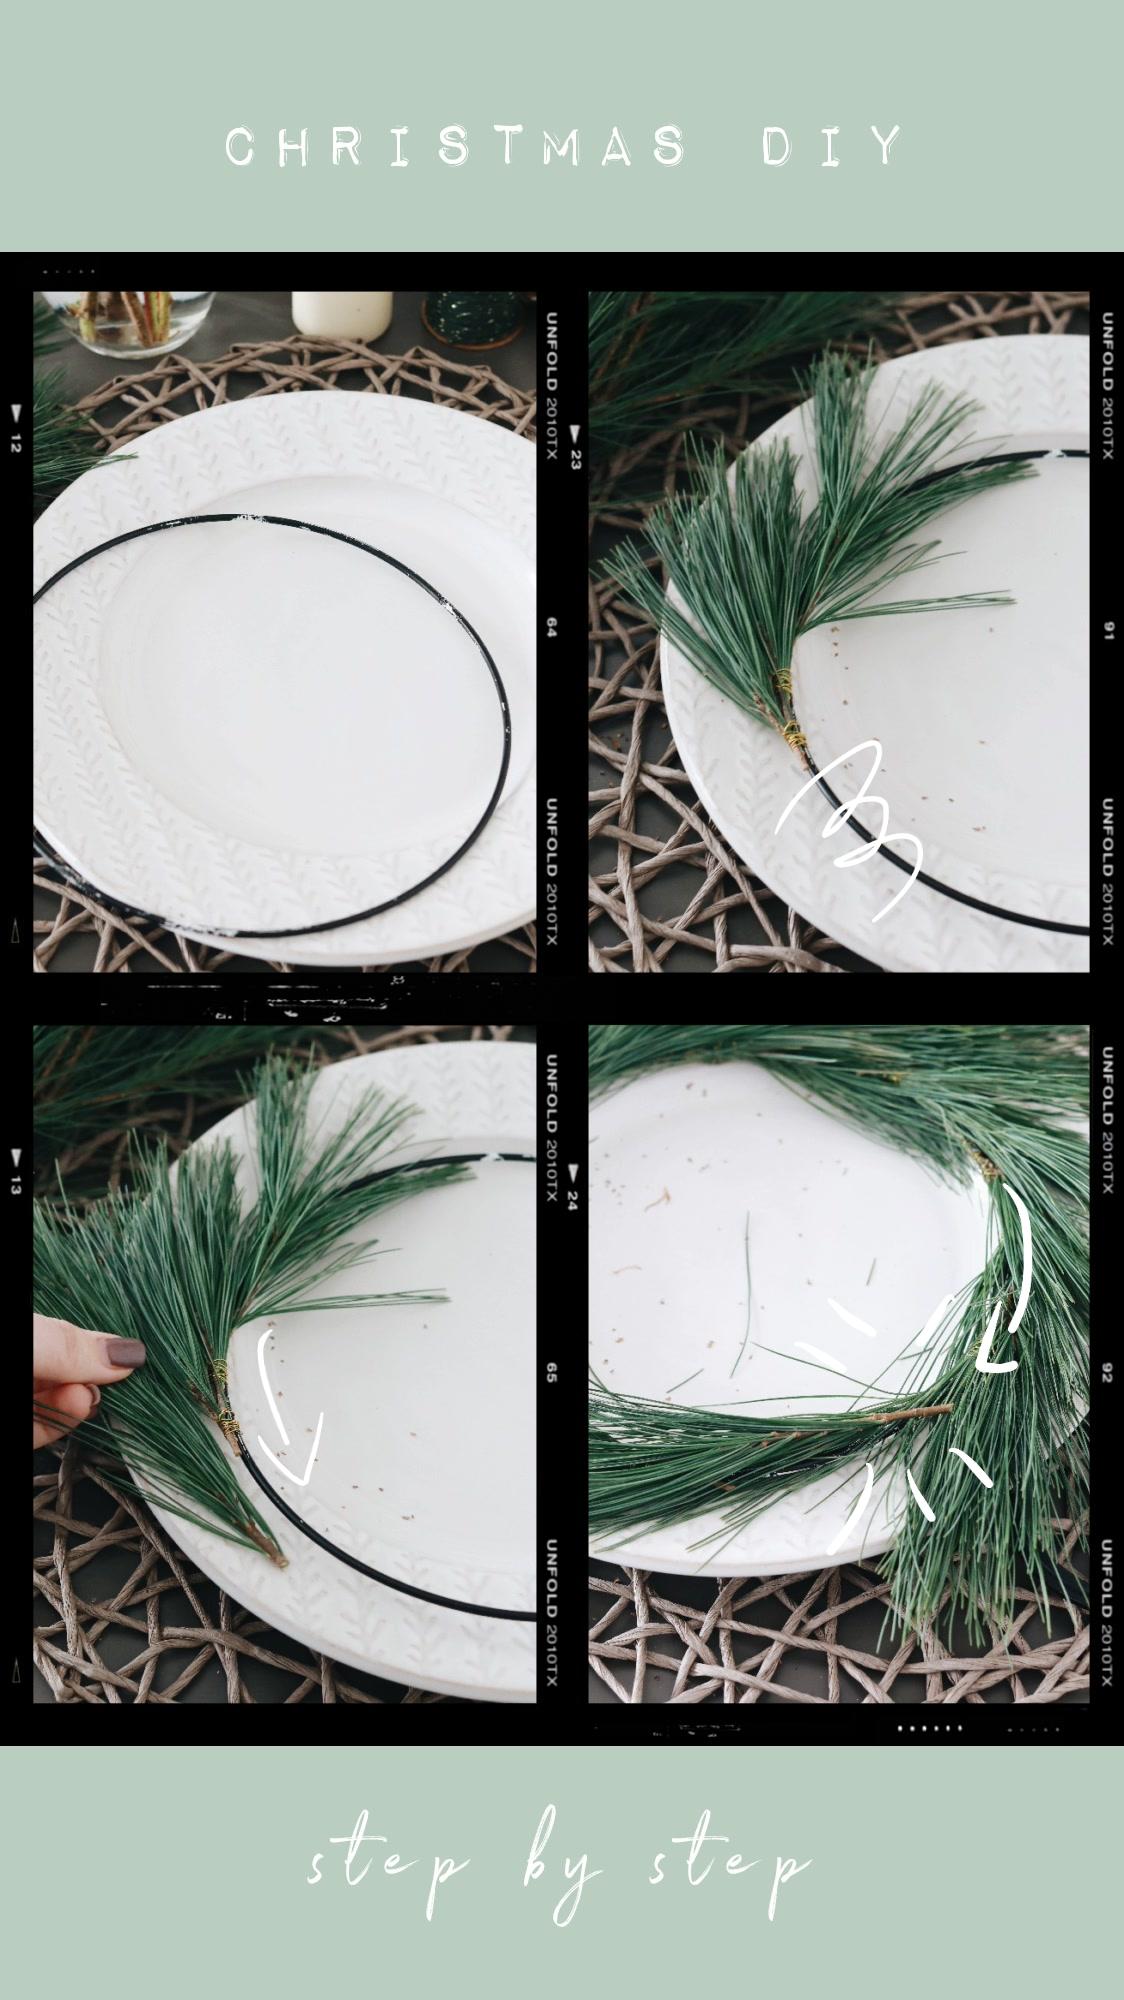 Schritt-für-Schritt Anleitung für einen DIY moderner Adventskranz mit Eukalyptus und Kiefernzweigen im Scandi Style